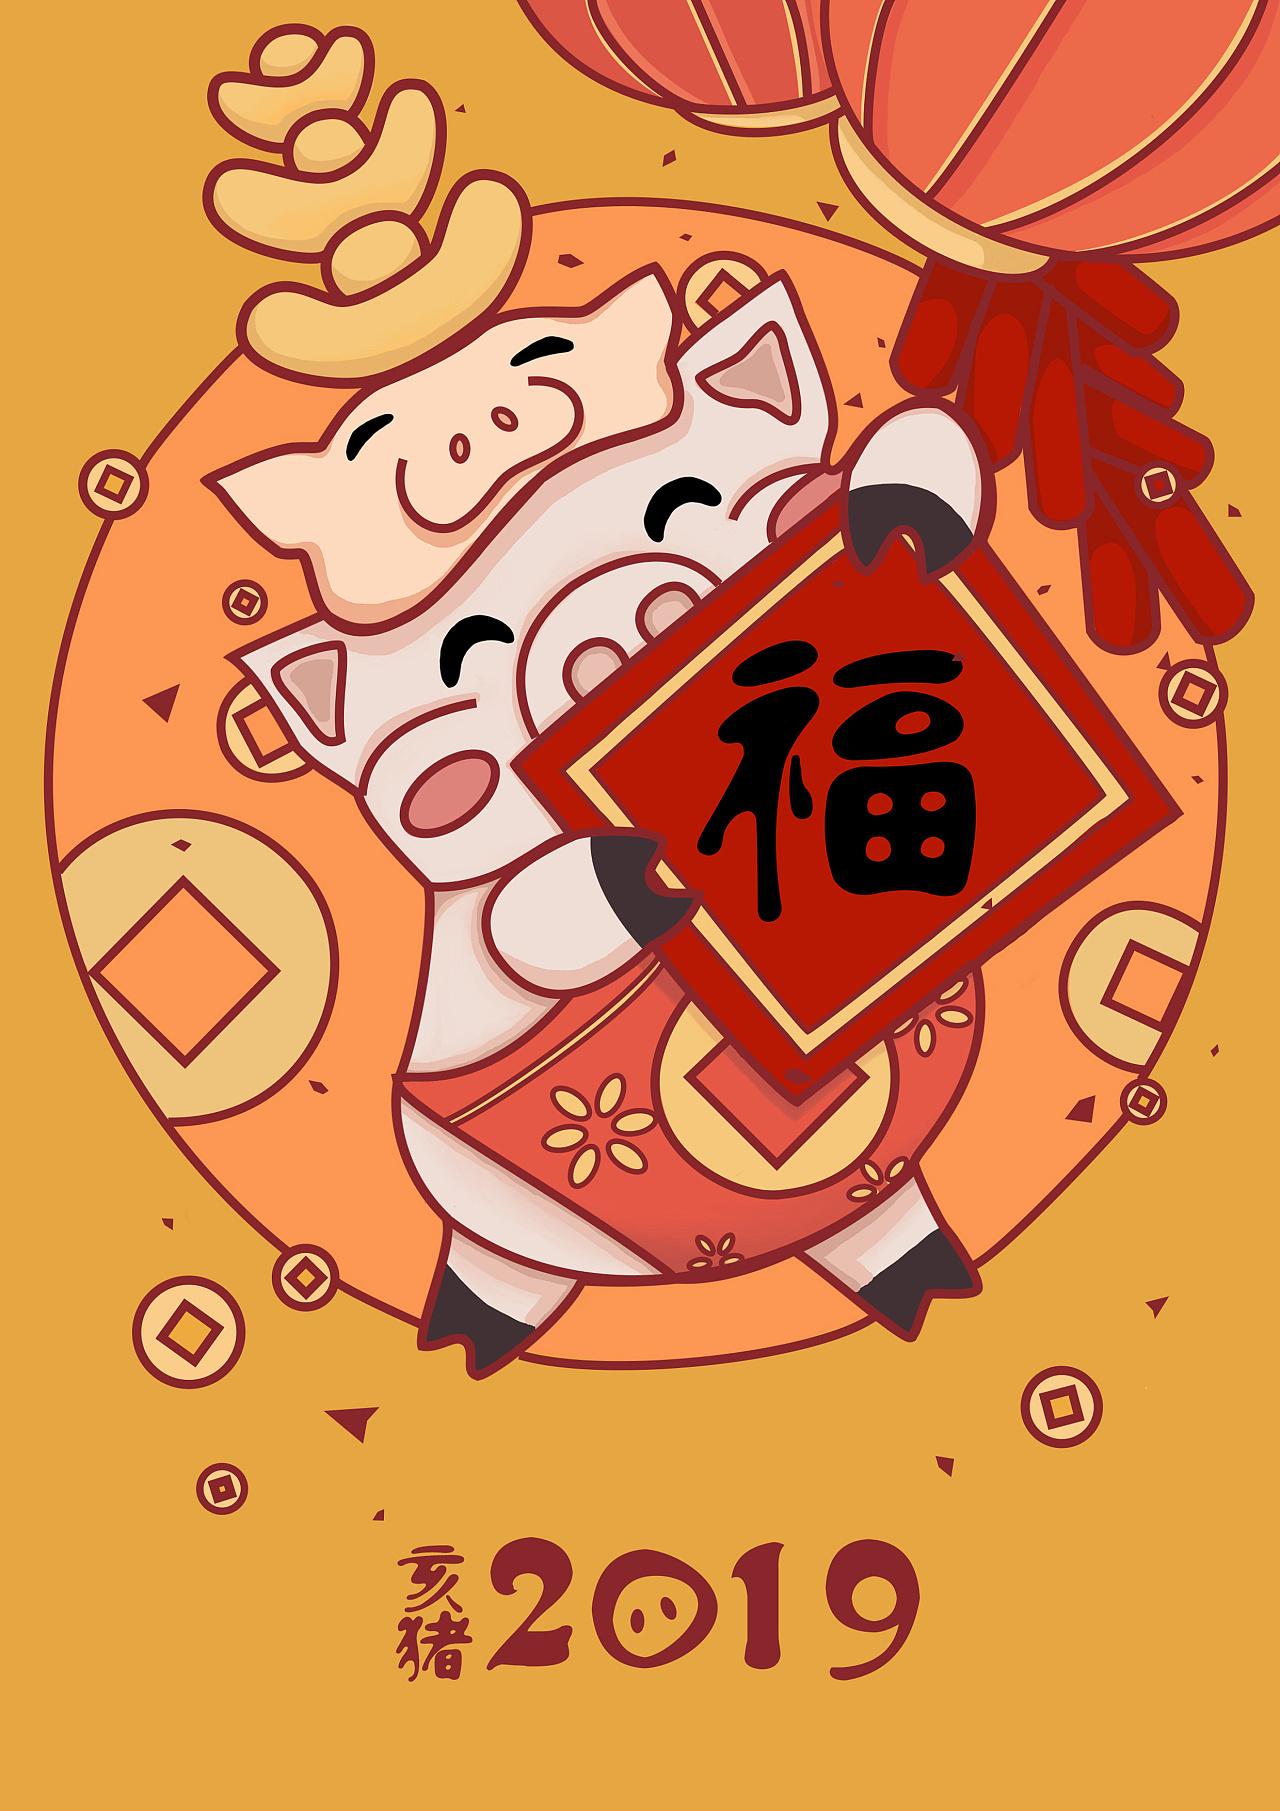 2019年即将来临,可爱小猪来送福啦,用手绘